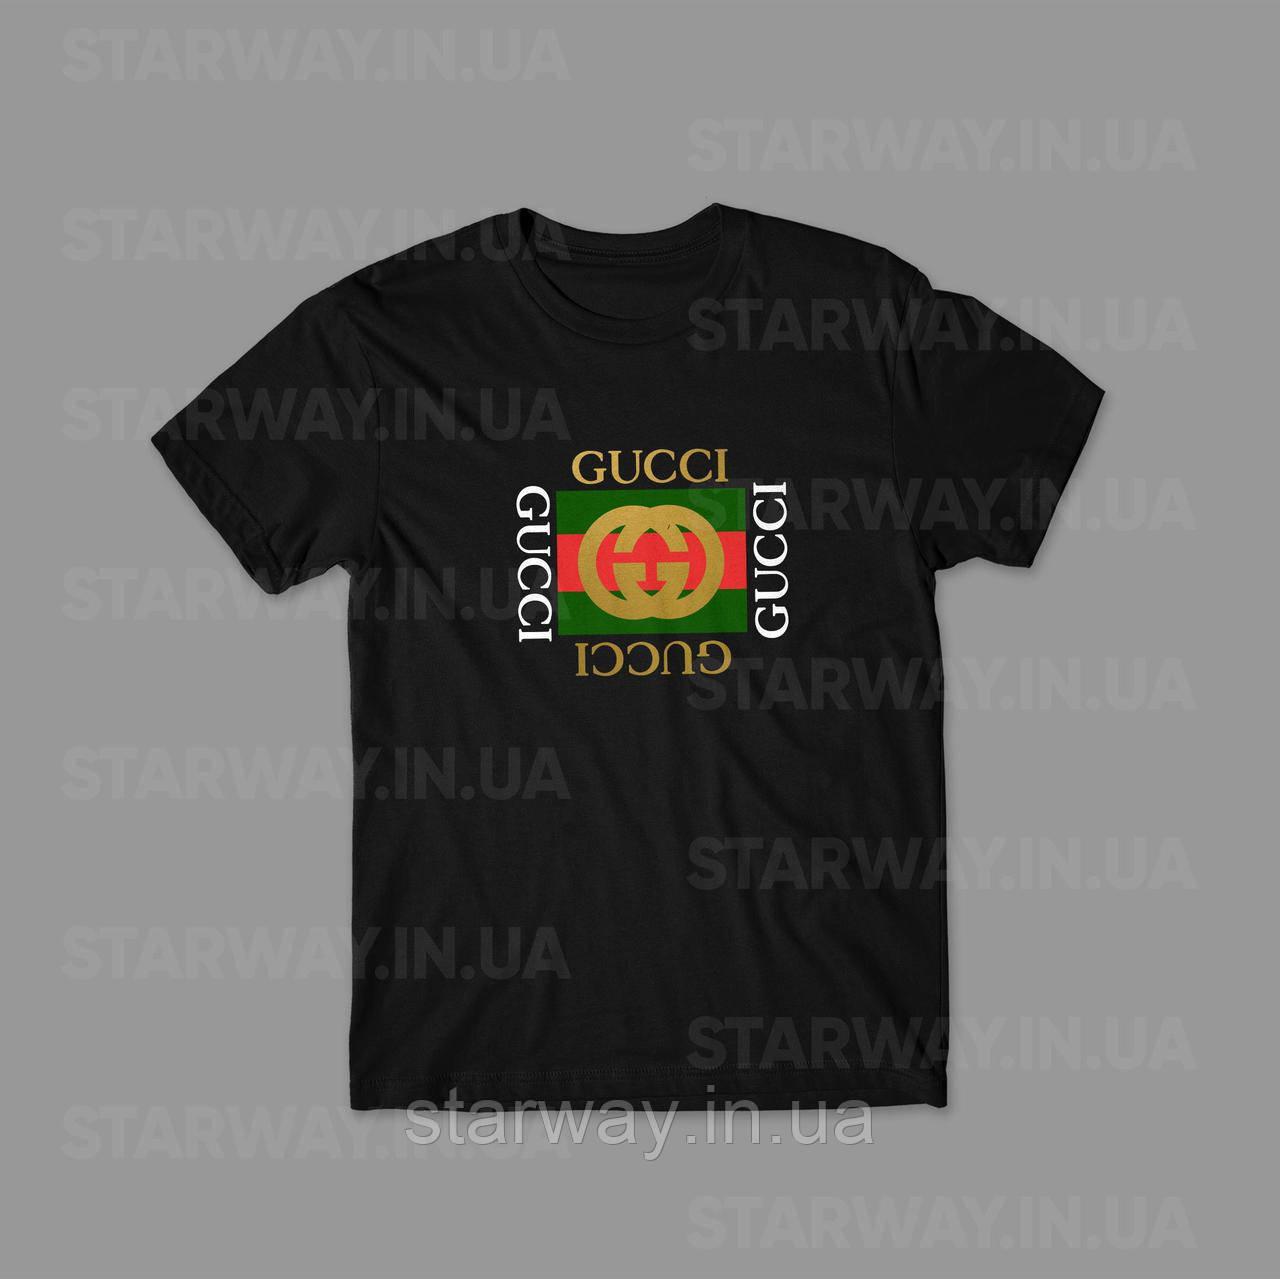 Футболка чёрная Gucci x Gucci logo | Премиум бренд